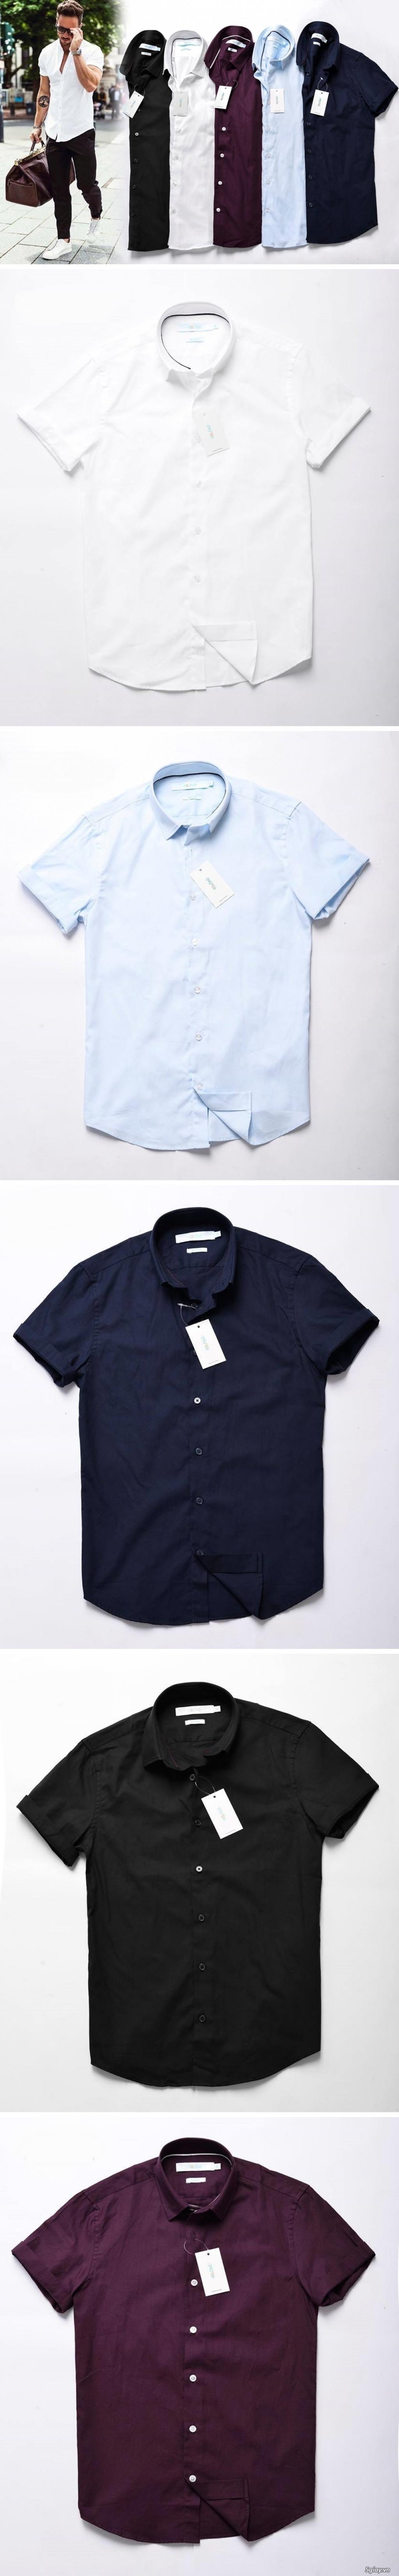 Shop285.com - Shop quần áo thời trang nam VNXK mẫu mới về liên tục ^^ - 12